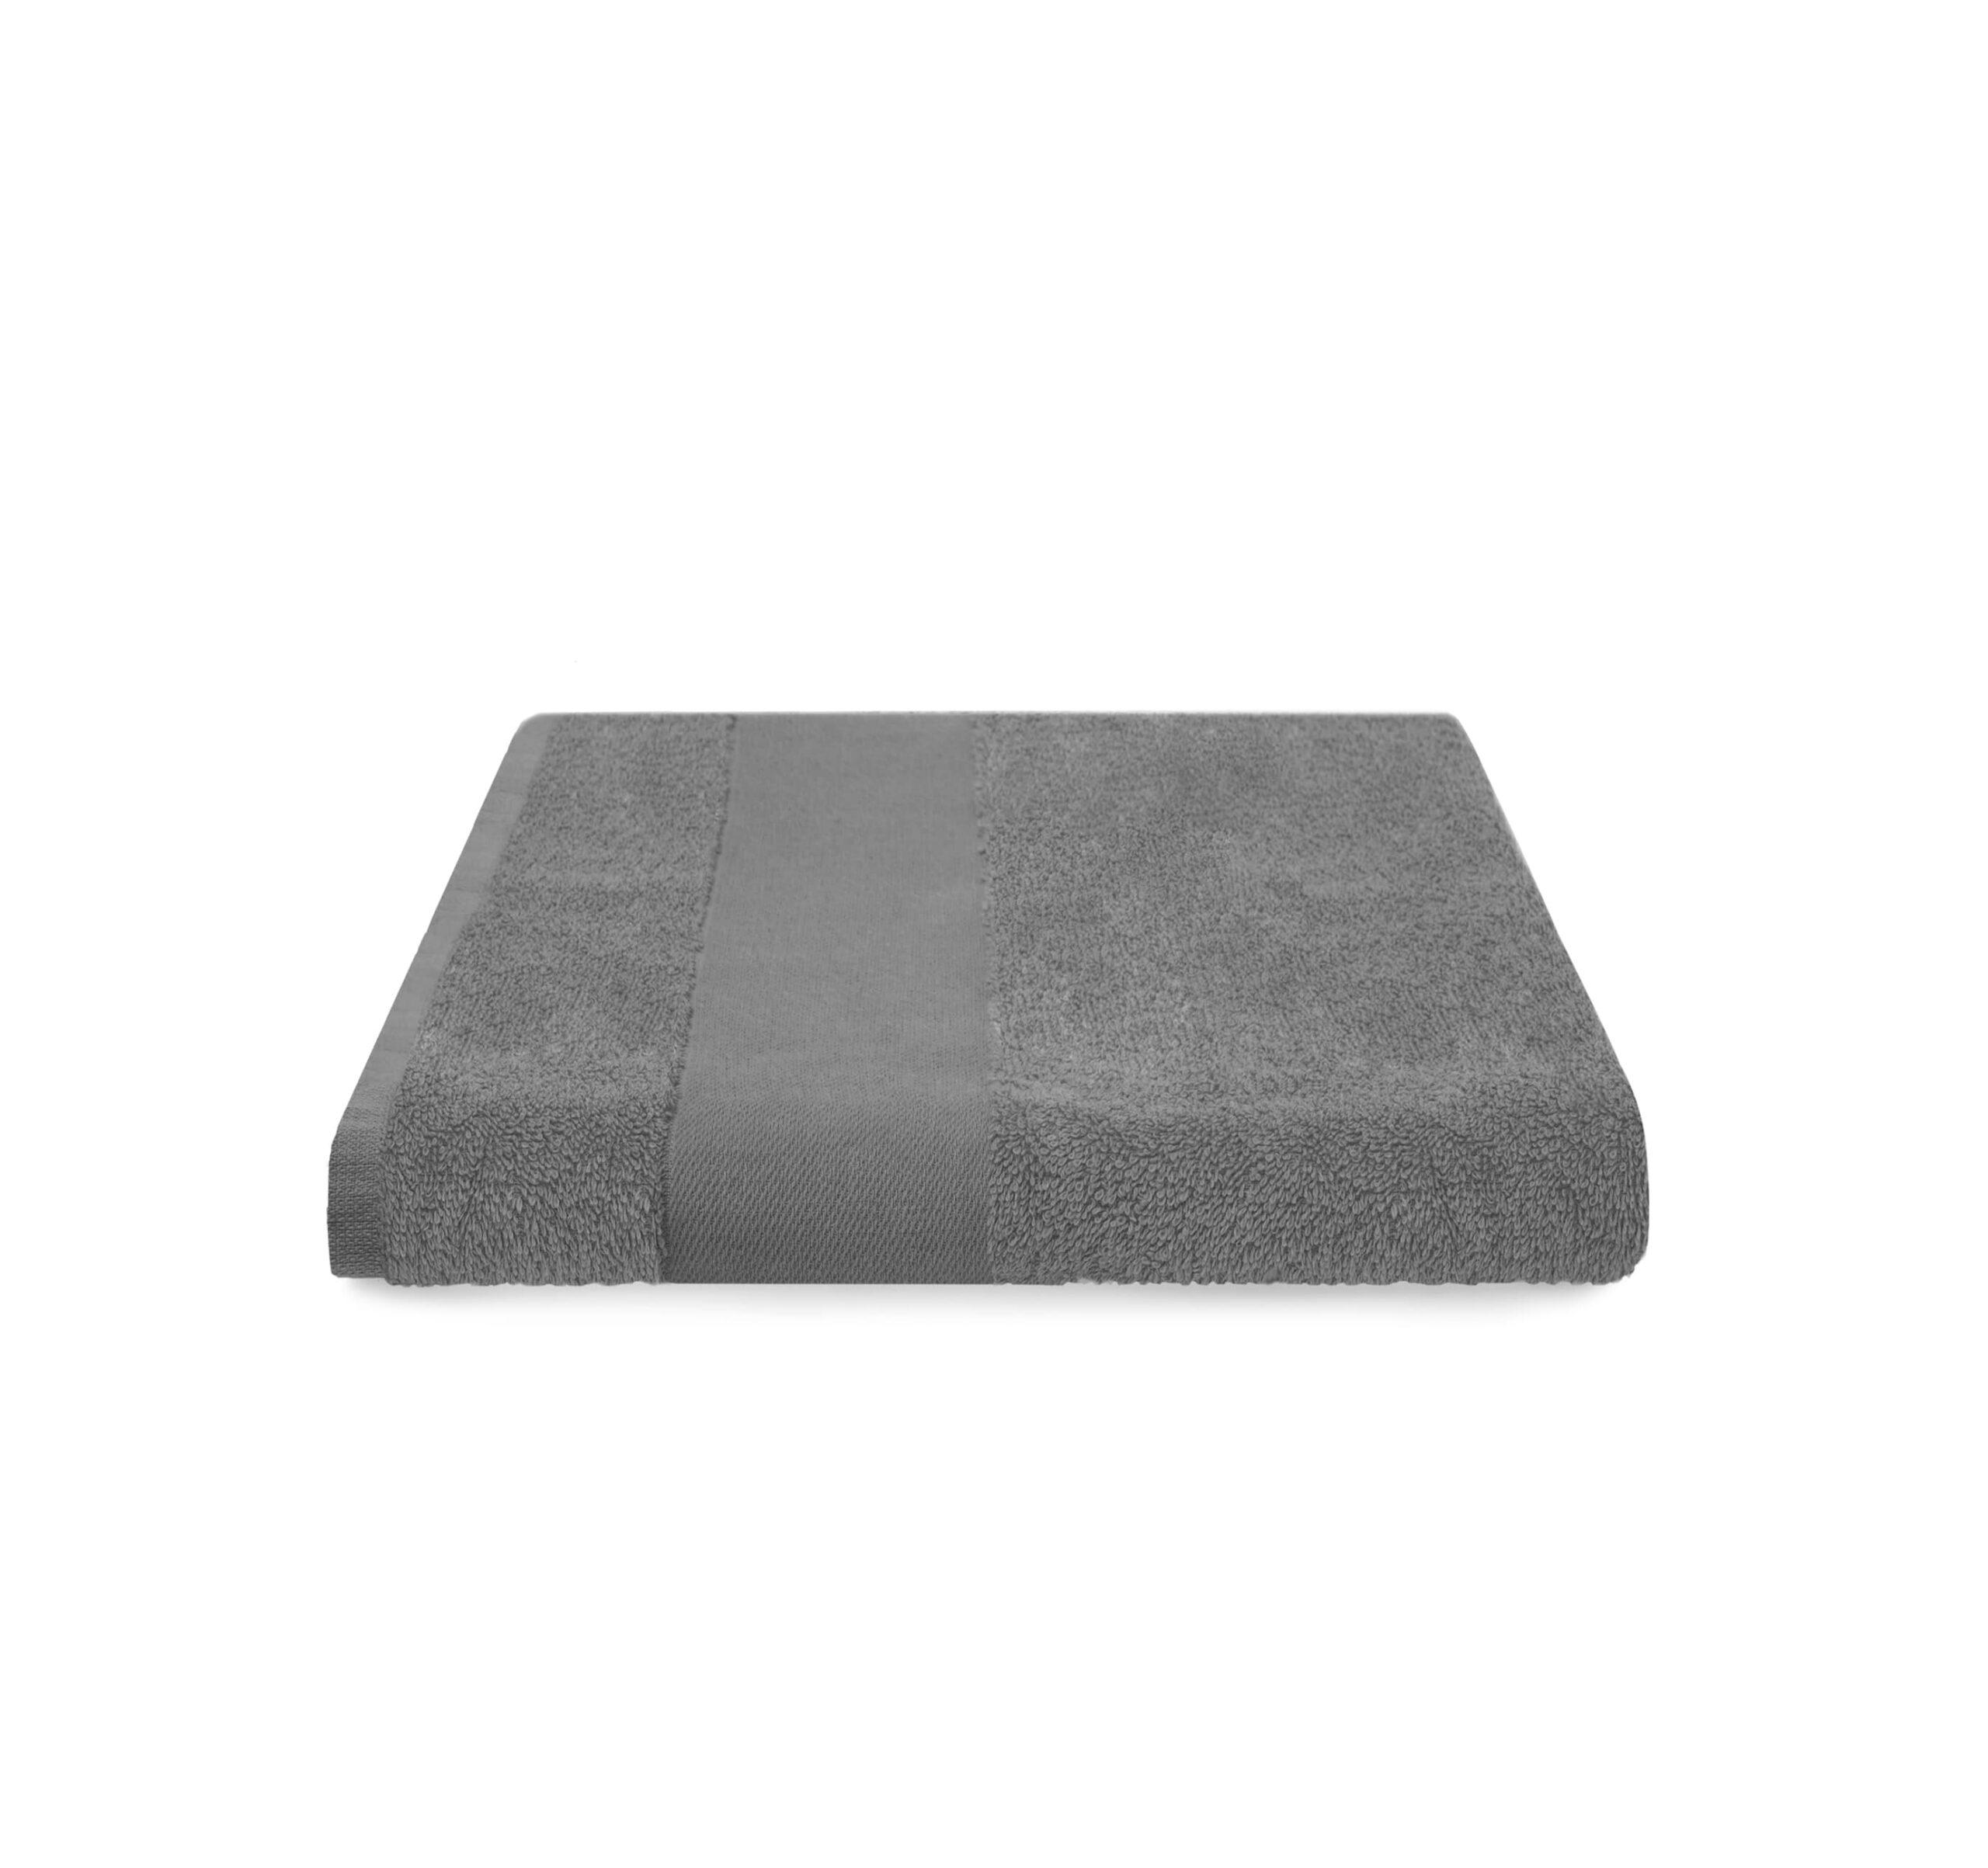 Полотенце махровое Ralpf, TM Casa Mia серое